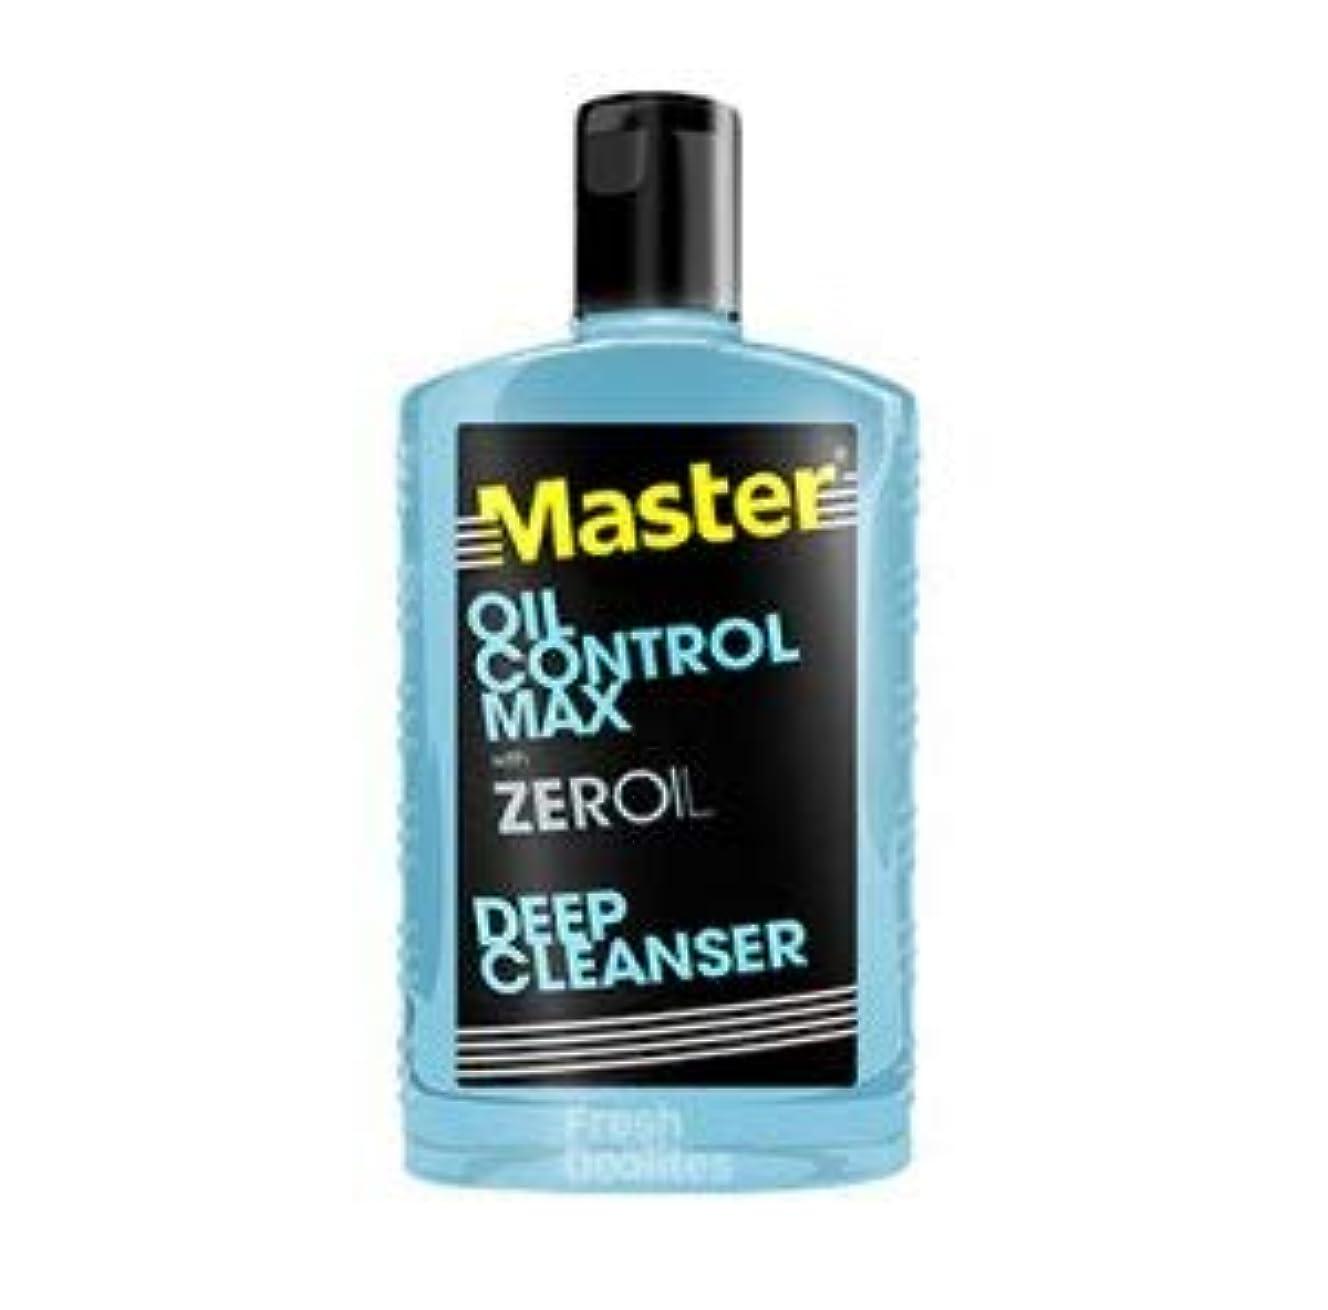 メッセンジャートロピカル出費Master OIL CONTROL MAX with ZEROIL 135ml【PHILIPPINES】